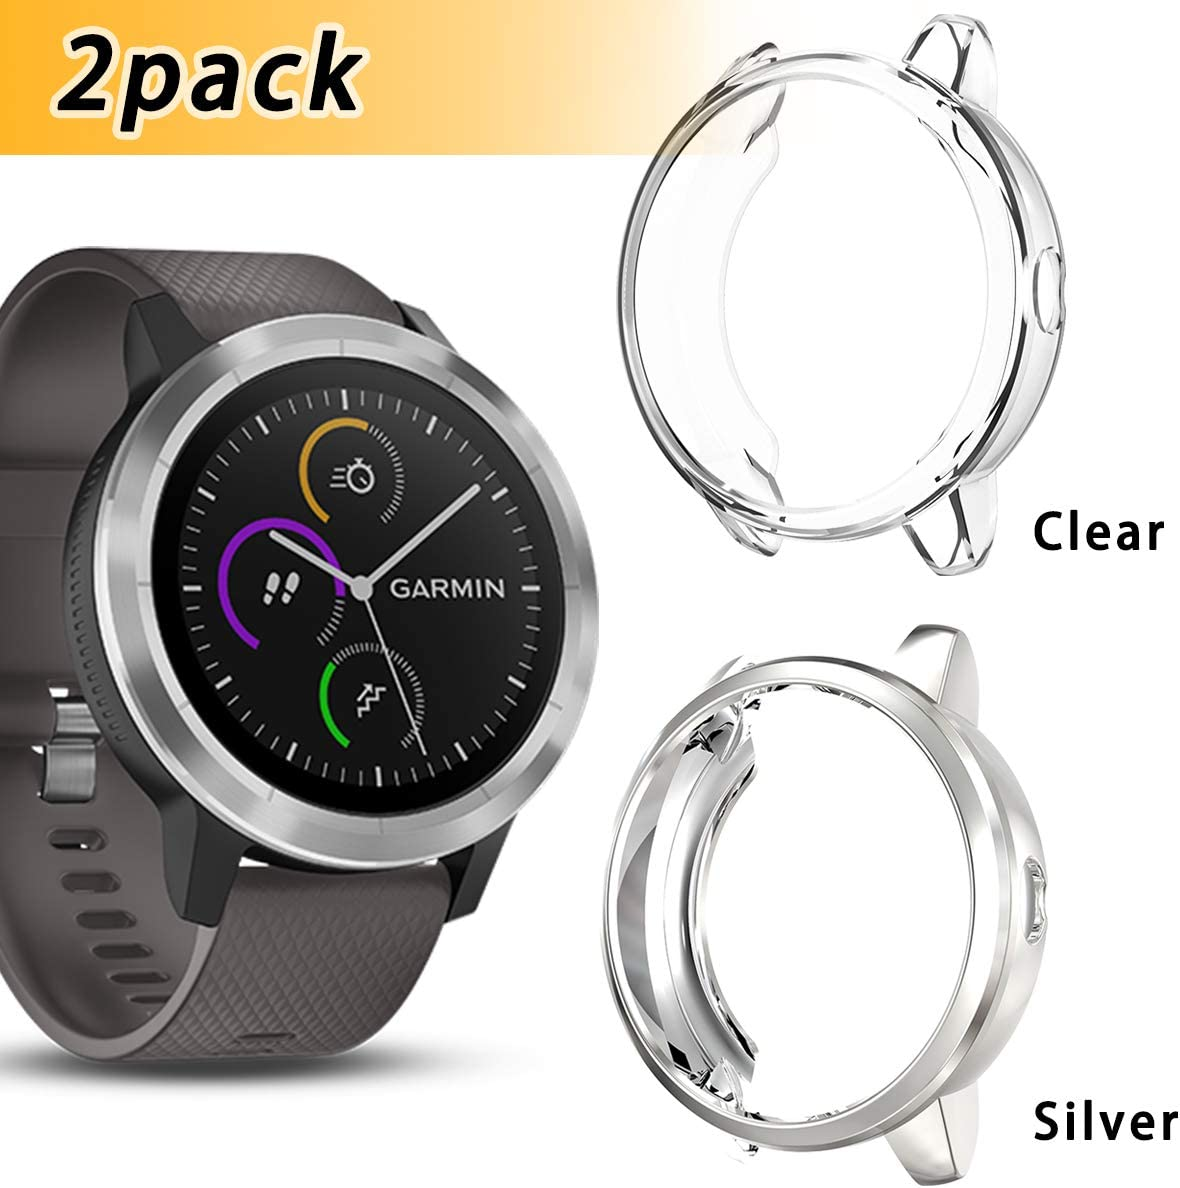 Anzela 2 Pack Funda para Garmin Vivoactive 3 Entrenador Smartwatch ...